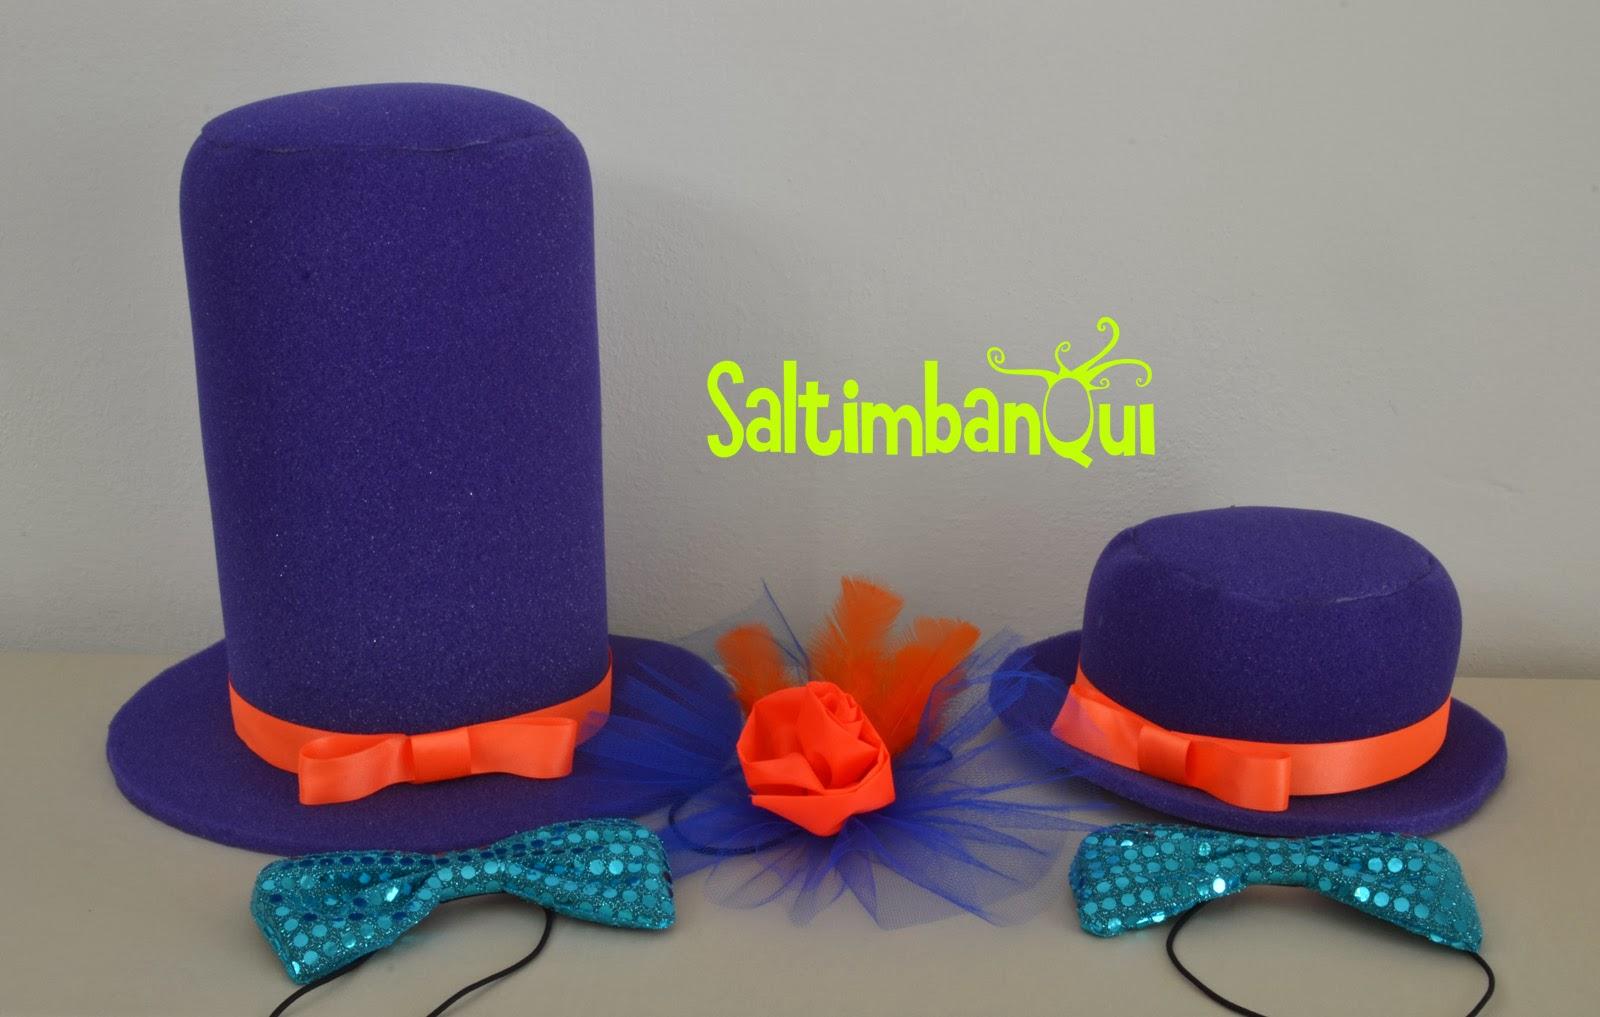 Saltimbanqui Cotillón En Cordoba Mexicana 86959126b9a